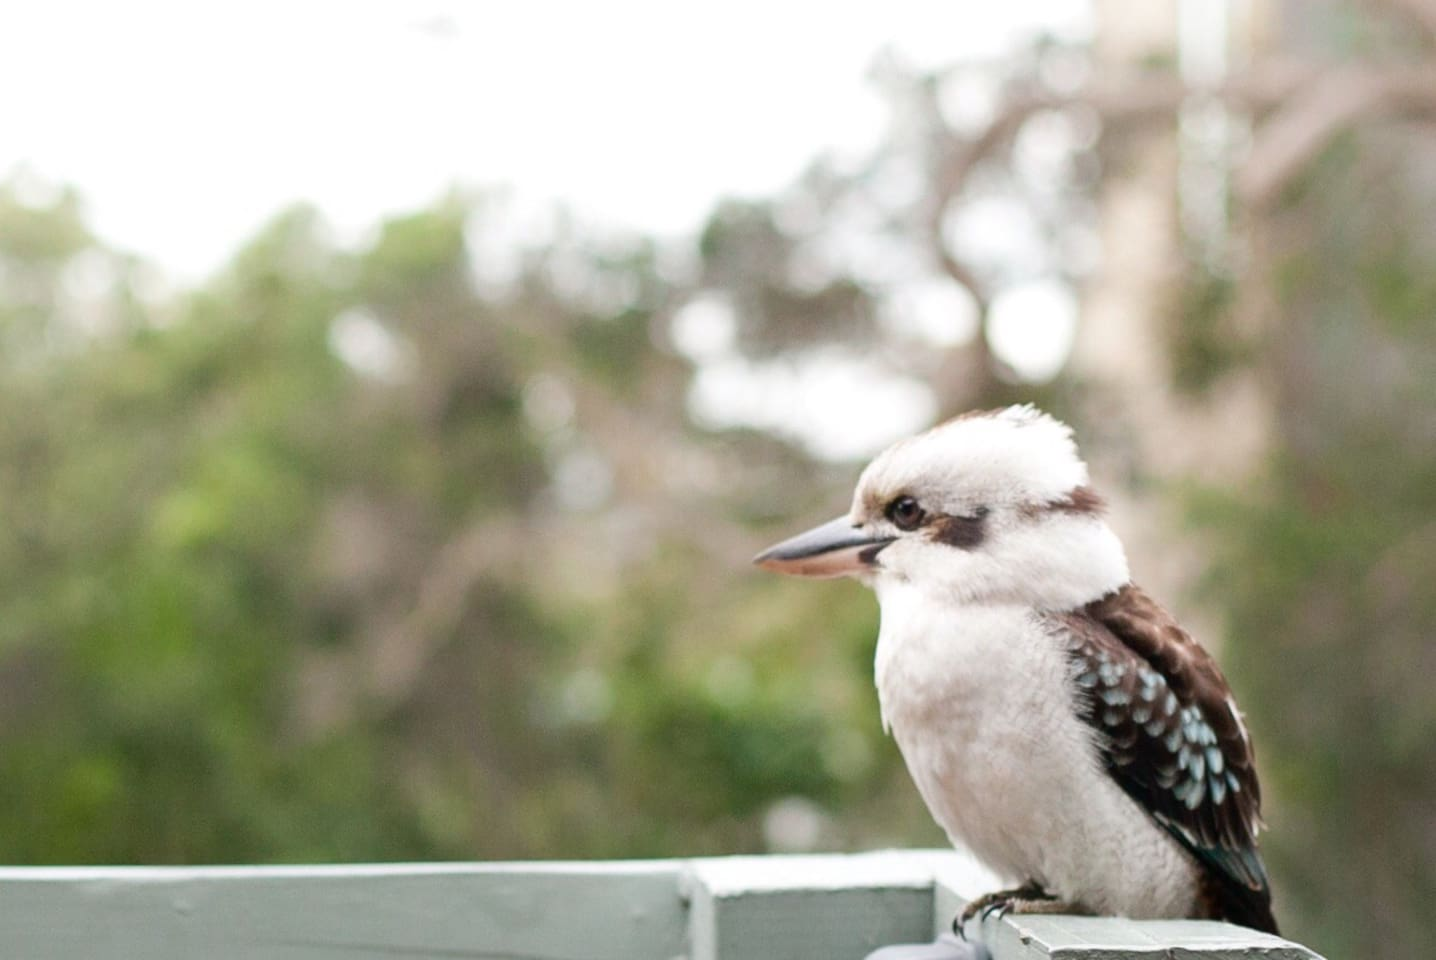 A local kookaburra sitting near the front door. #onlyinaustralia